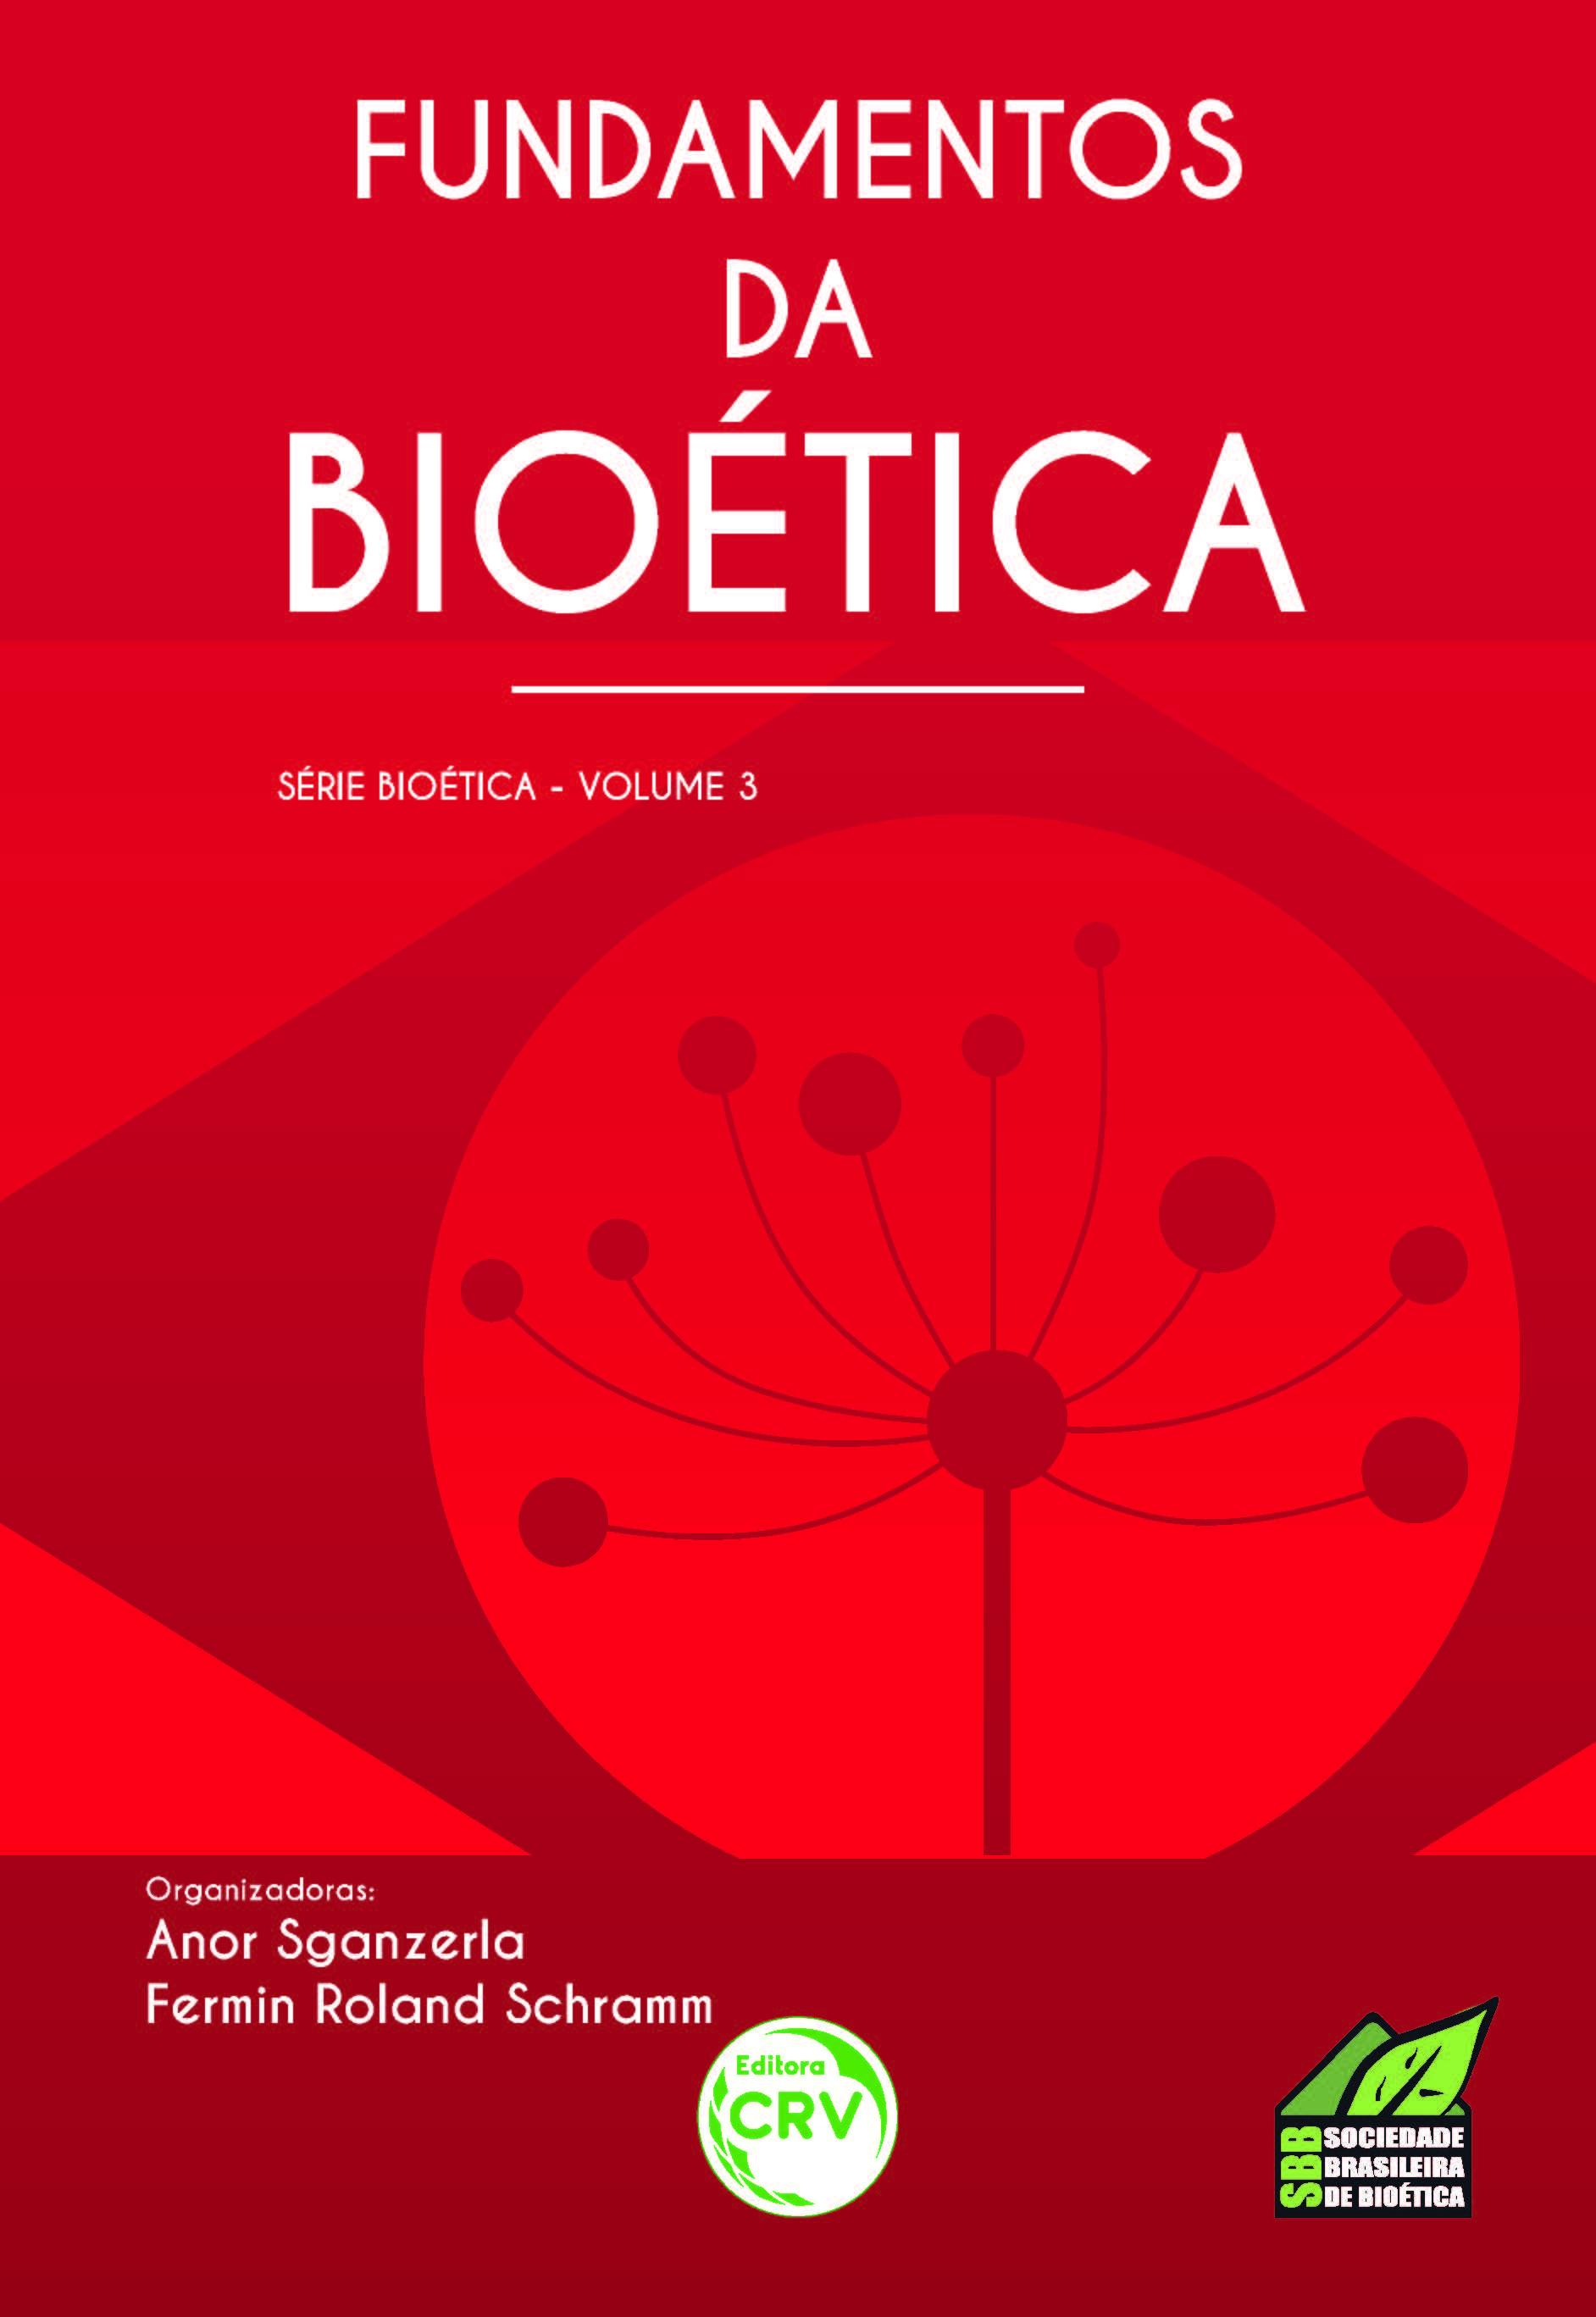 Capa do livro: FUNDAMENTOS DA BIOÉTICA<br>Série Bioética<br>Volume 3